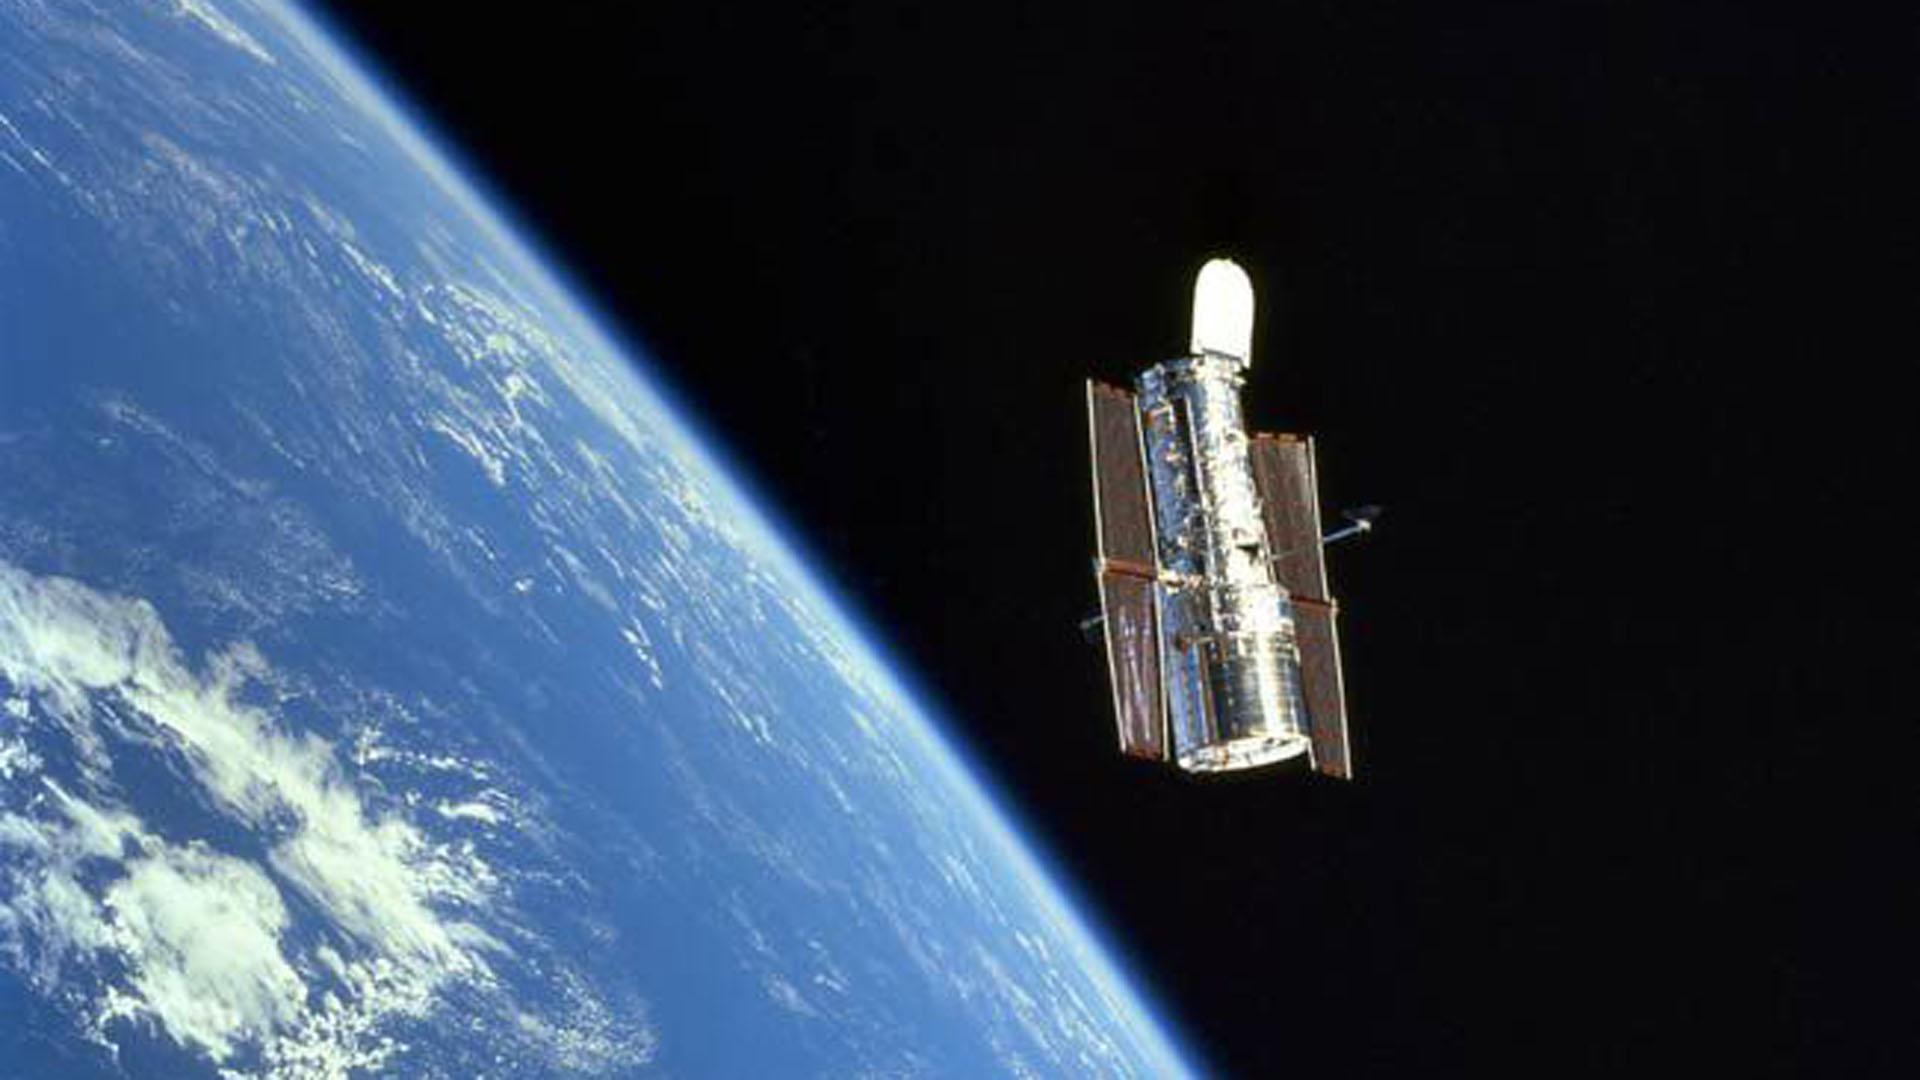 El telescopio fue lanzado en 1990 a bordo de un transbordador espacial de la NASA